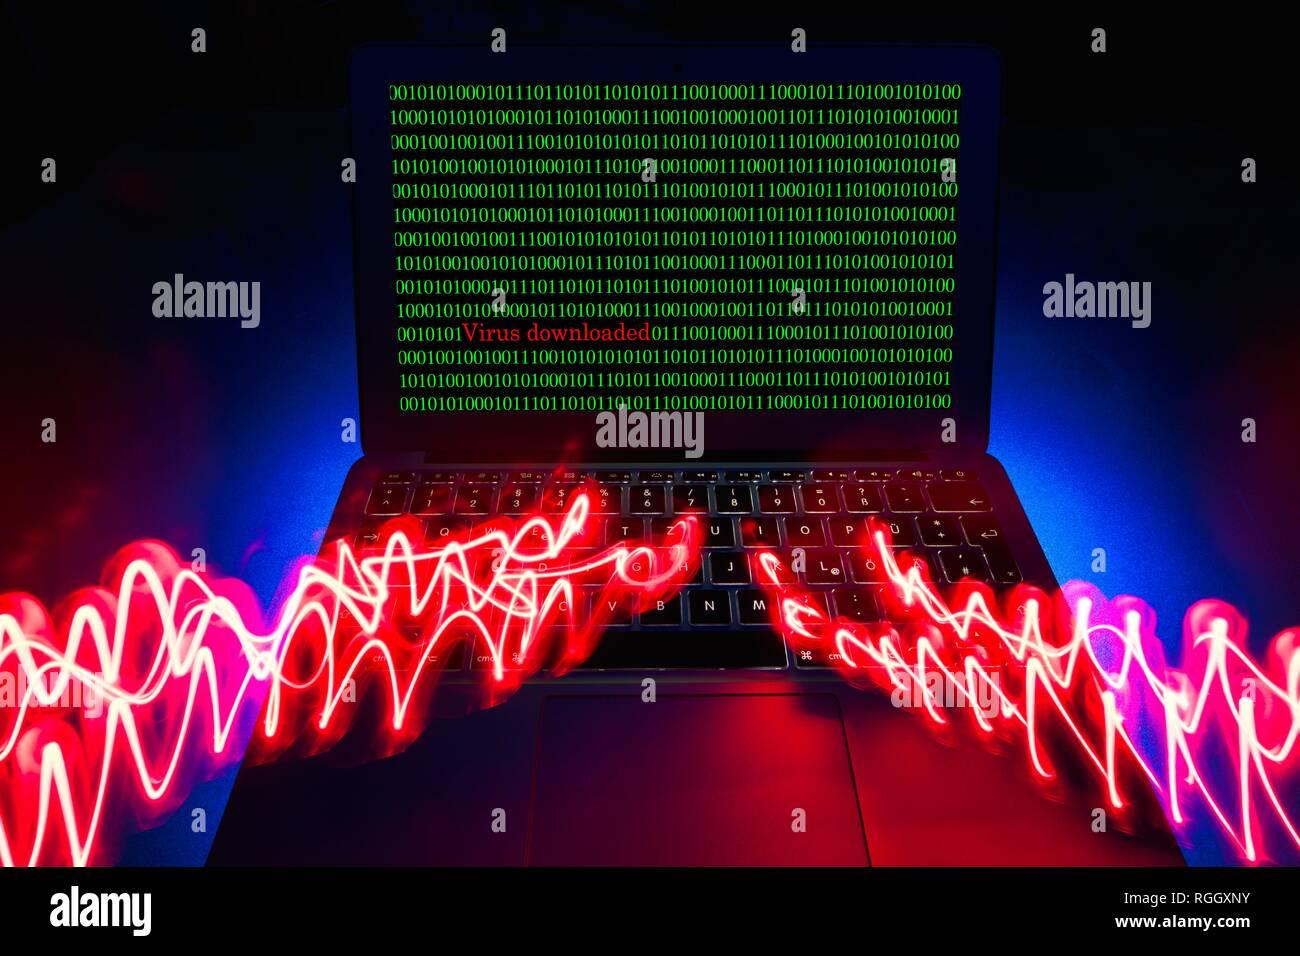 Symbol Bild malware, Virus Alarm, Computerkriminalität, Datenschutz, Baden-Württemberg, Deutschland Stockbild